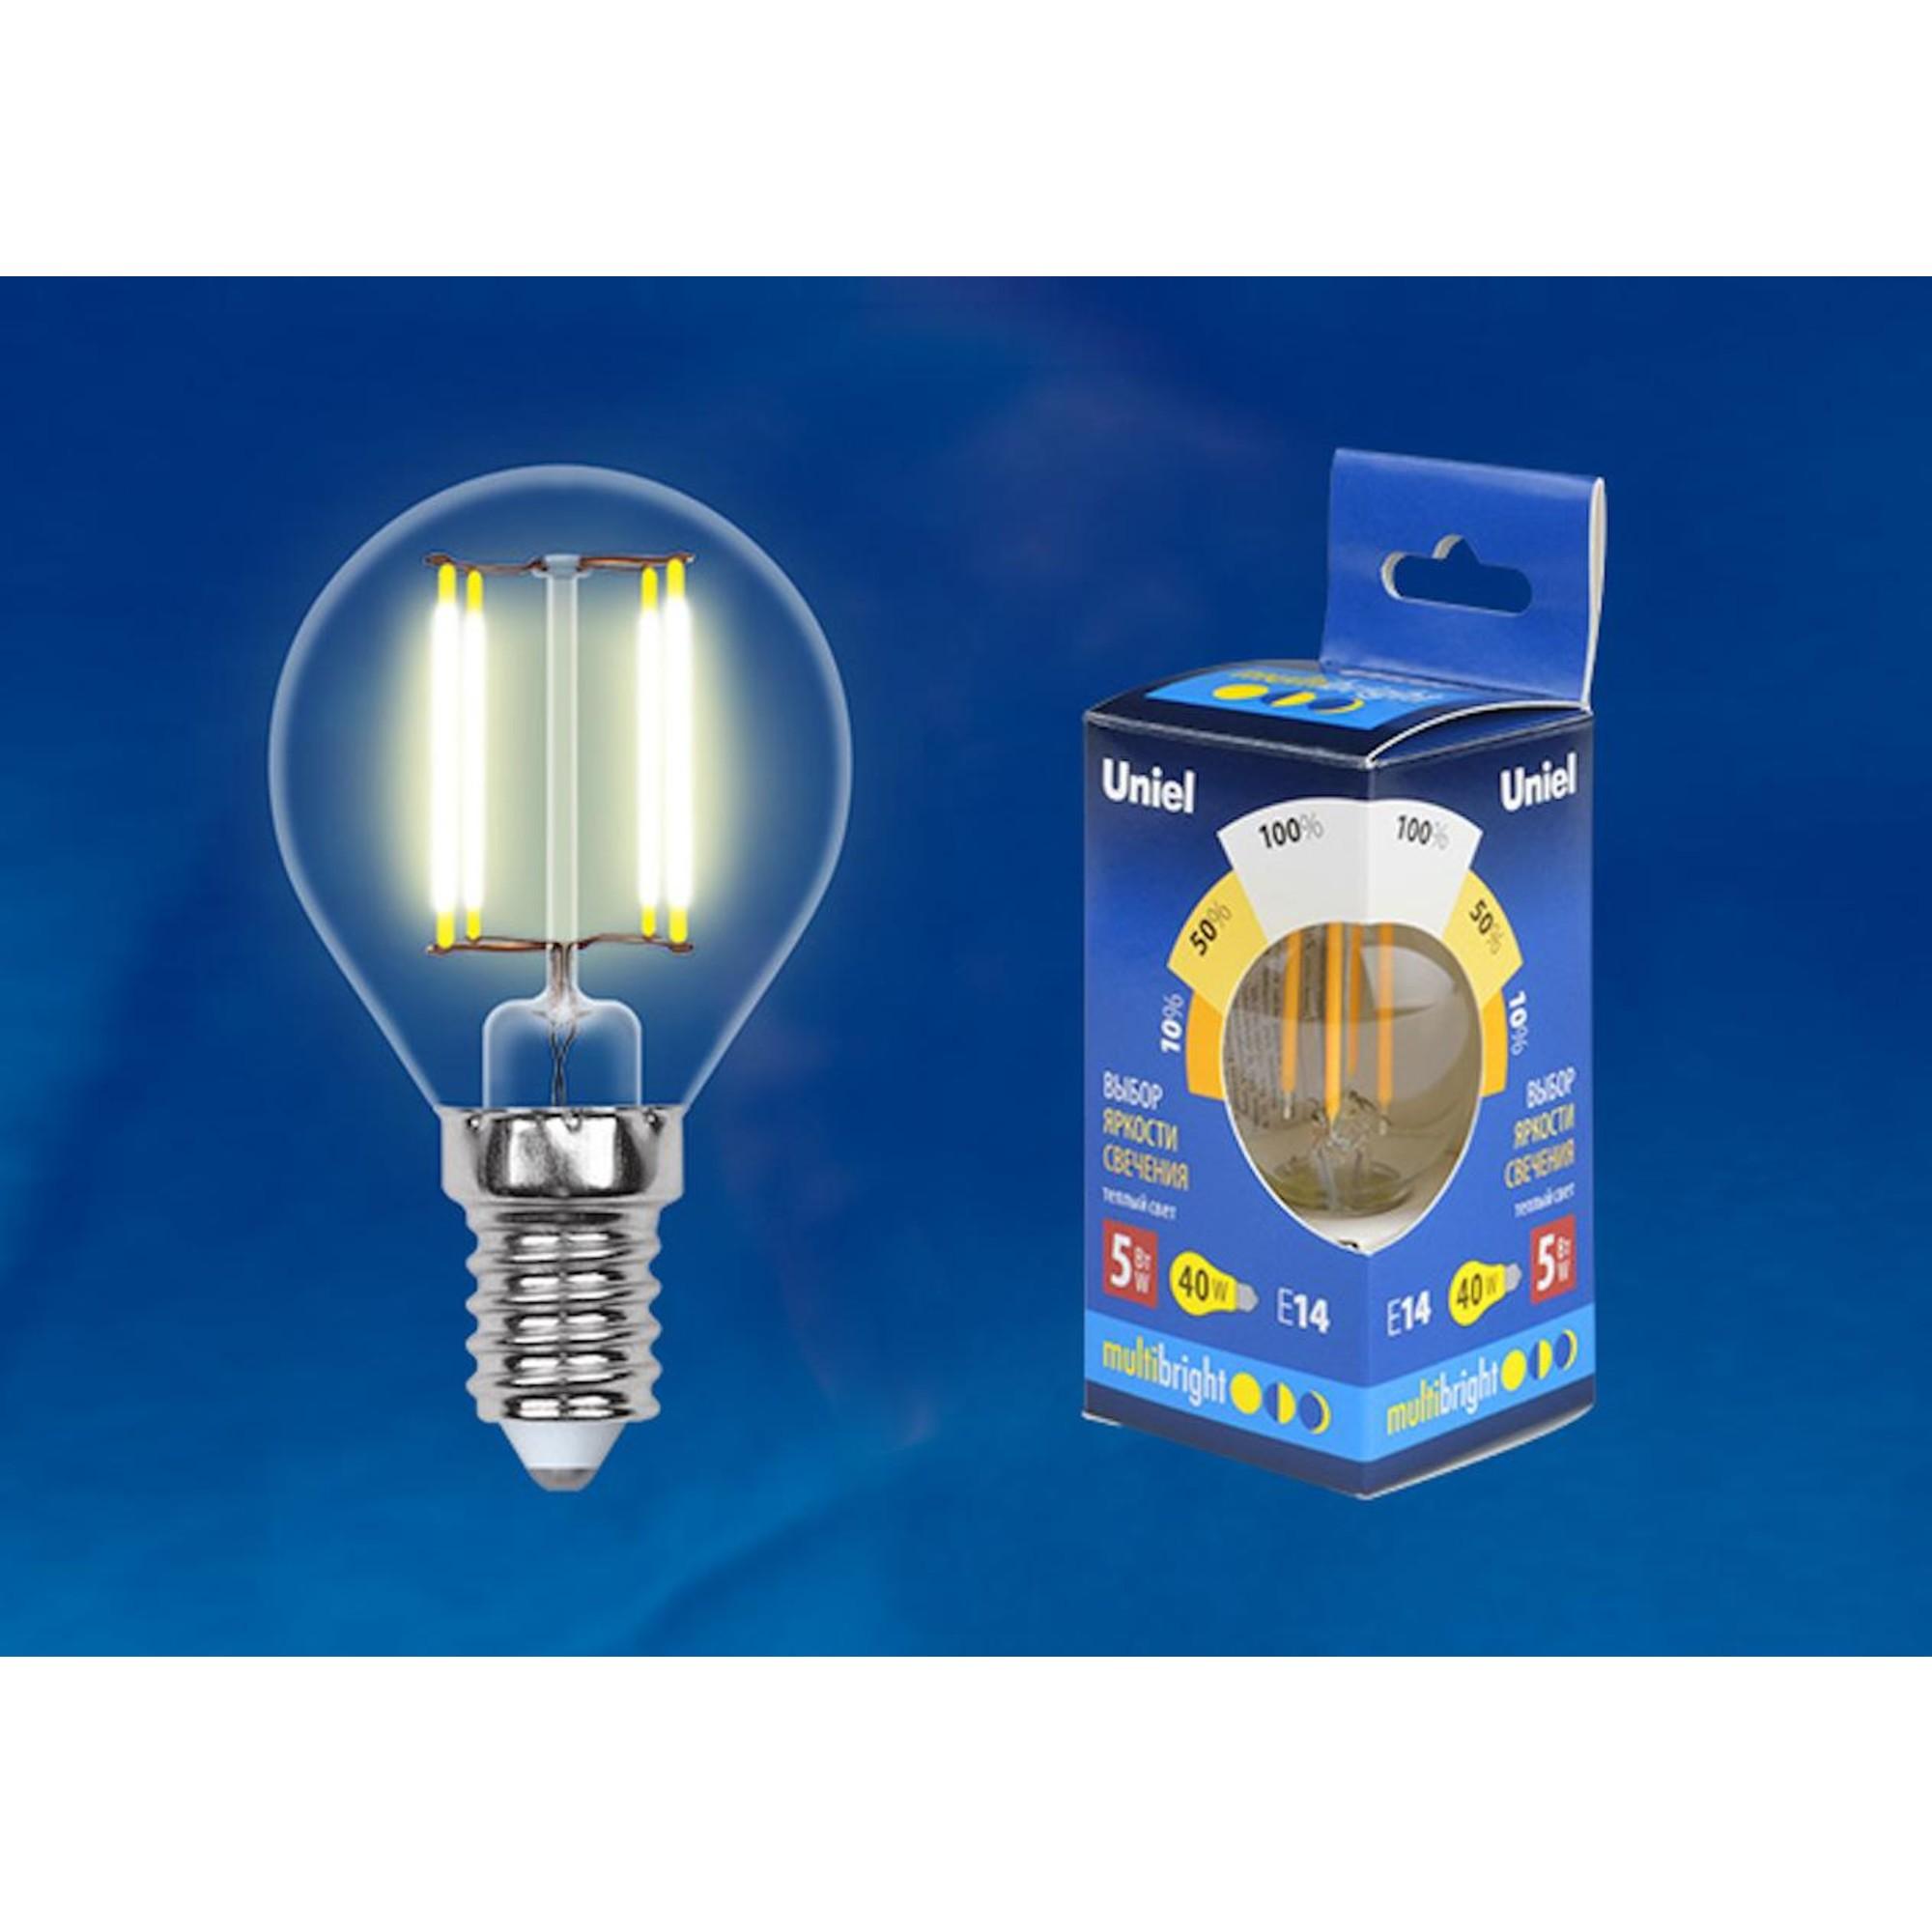 Светодиодная лампочка Uniel LED-G45-5W Multibright UL-00002369